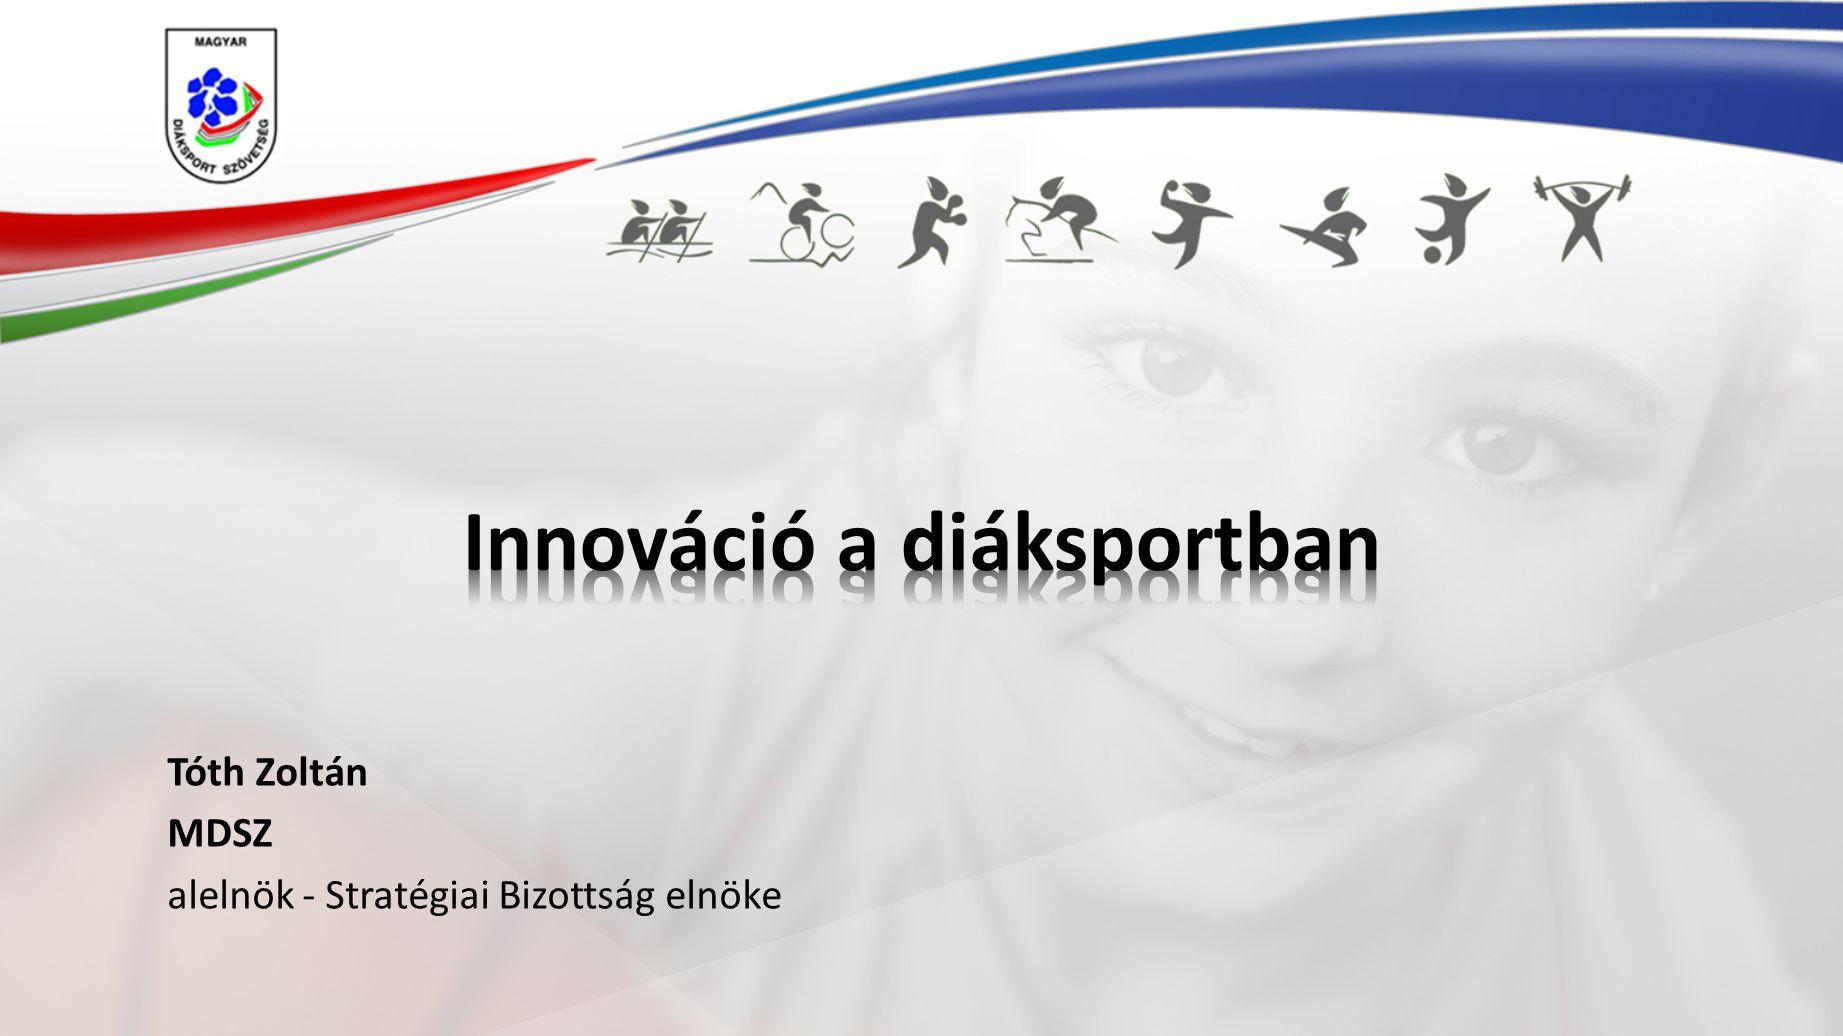 Tóth Zoltán MDSZ alelnök - Stratégiai Bizottság elnöke